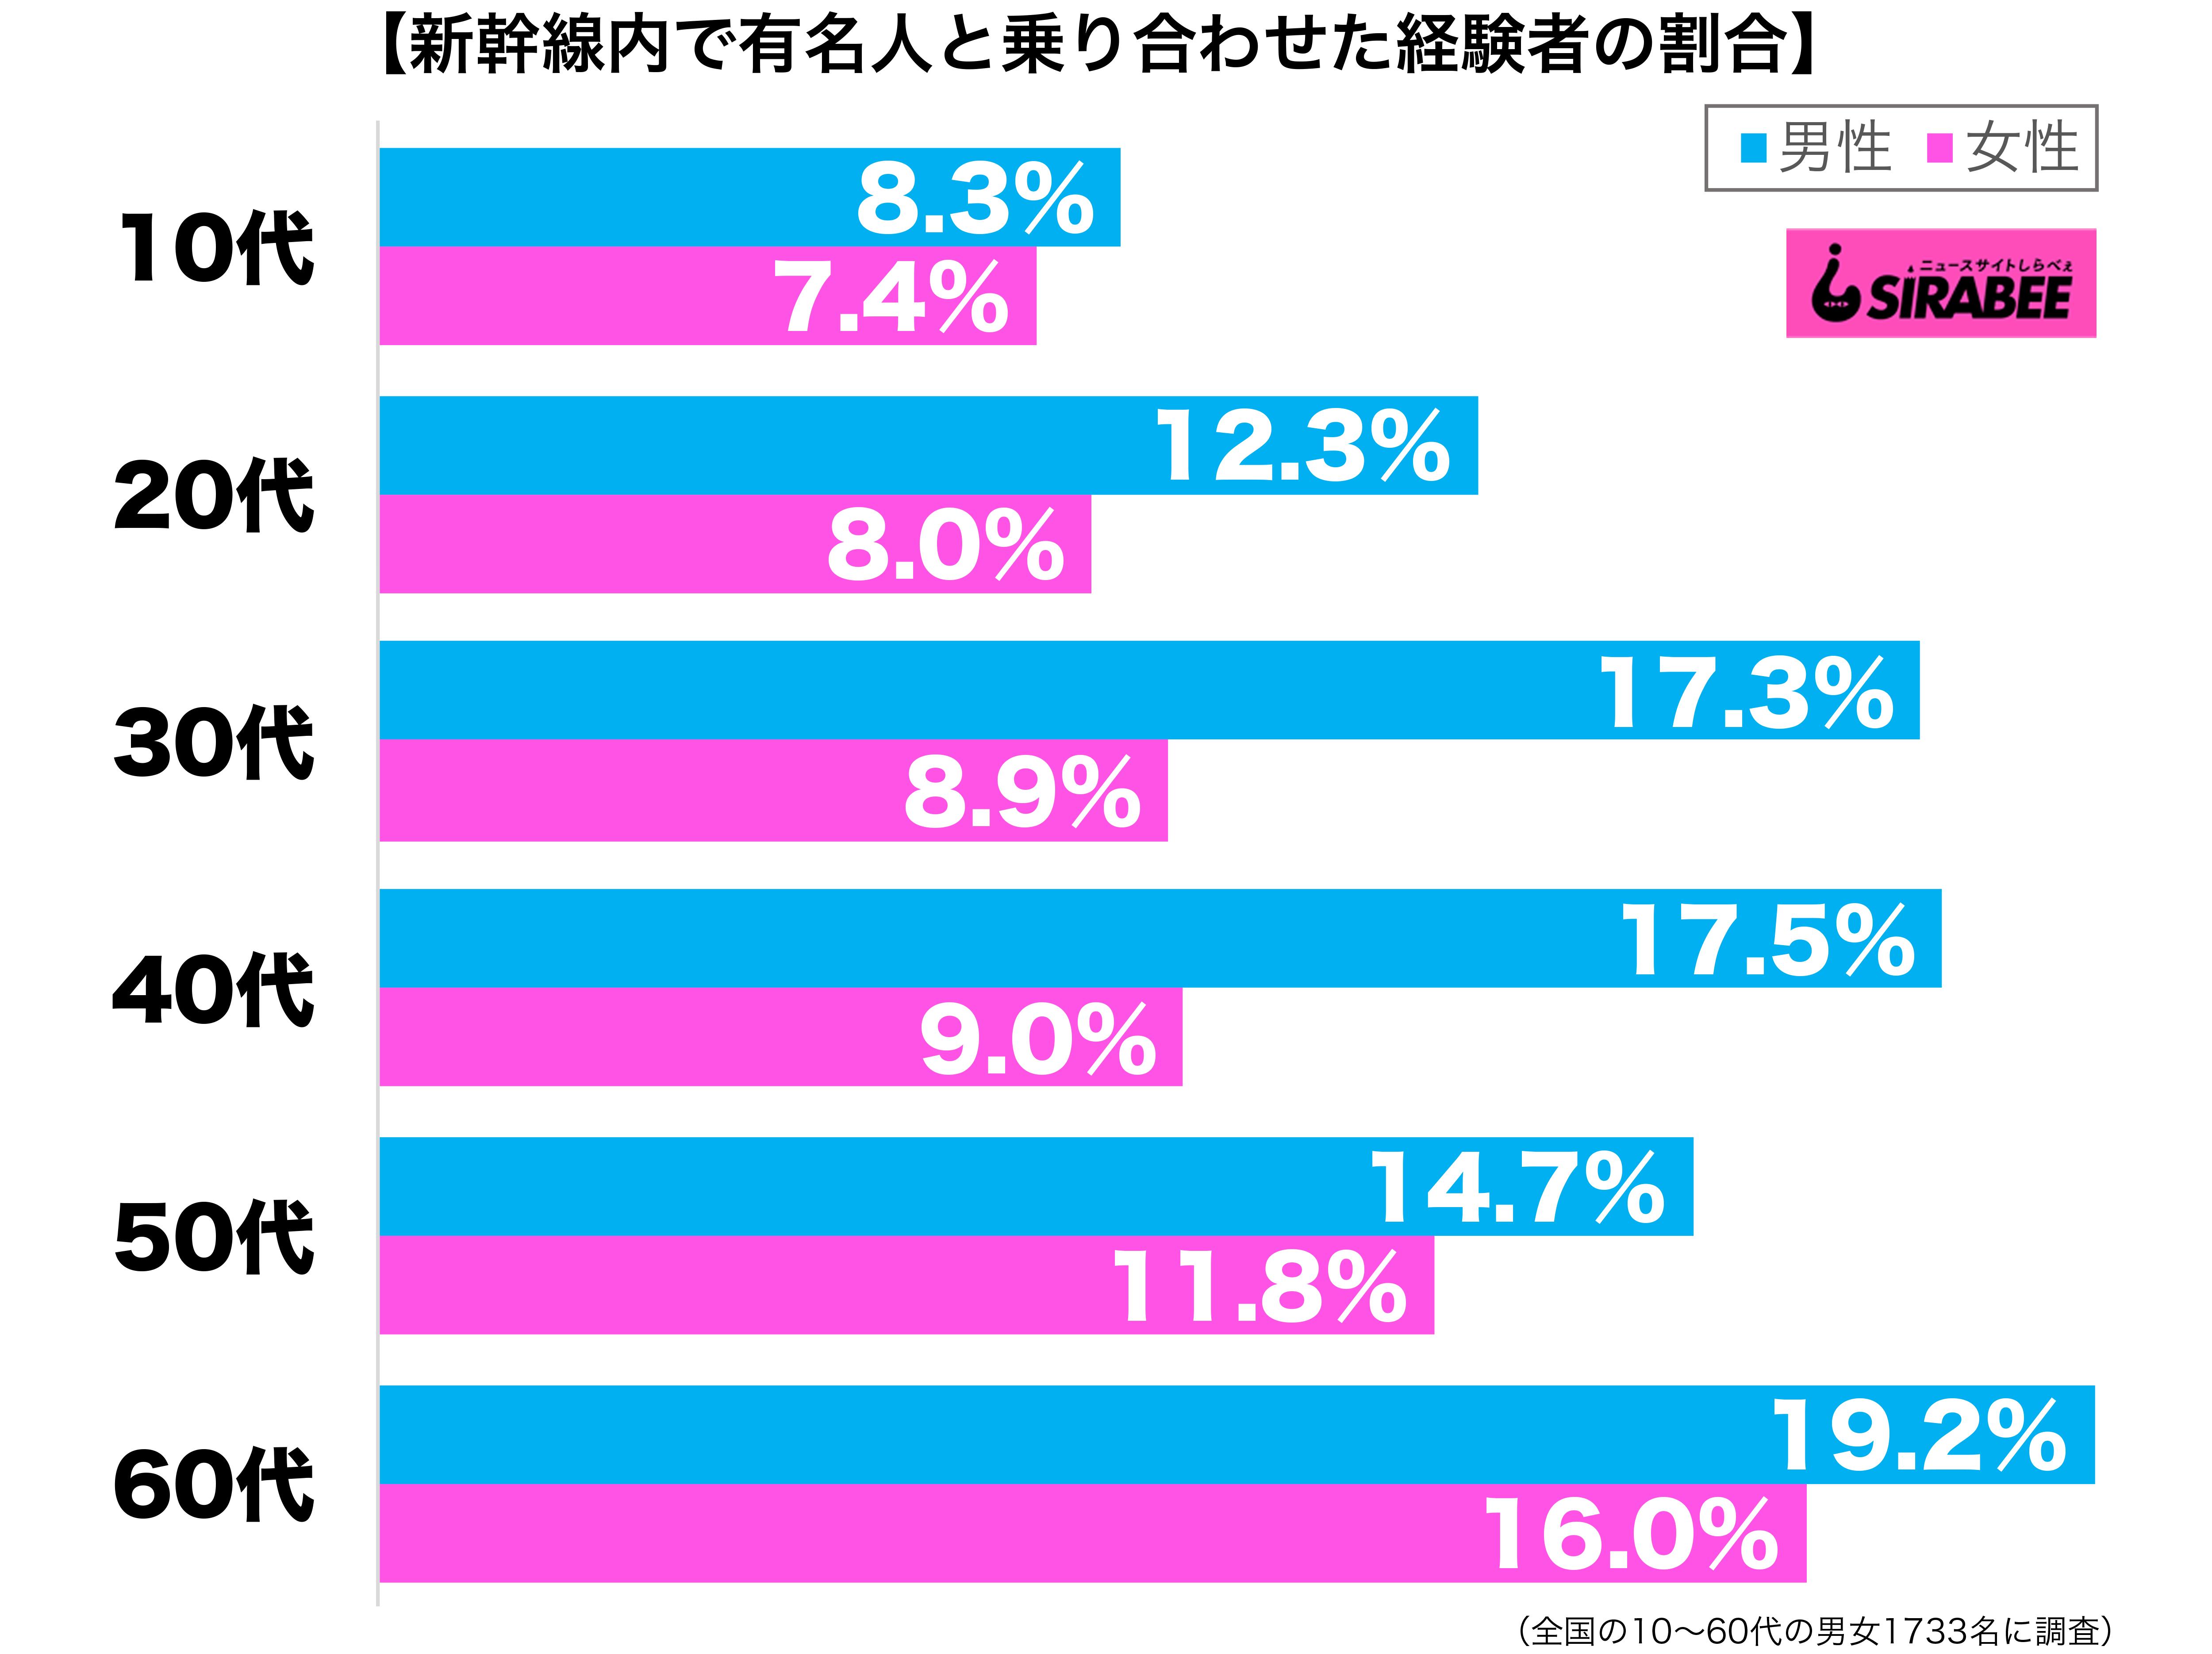 新幹線内で芸能人や有名人と乗り合わせたことがある性年代別グラフ